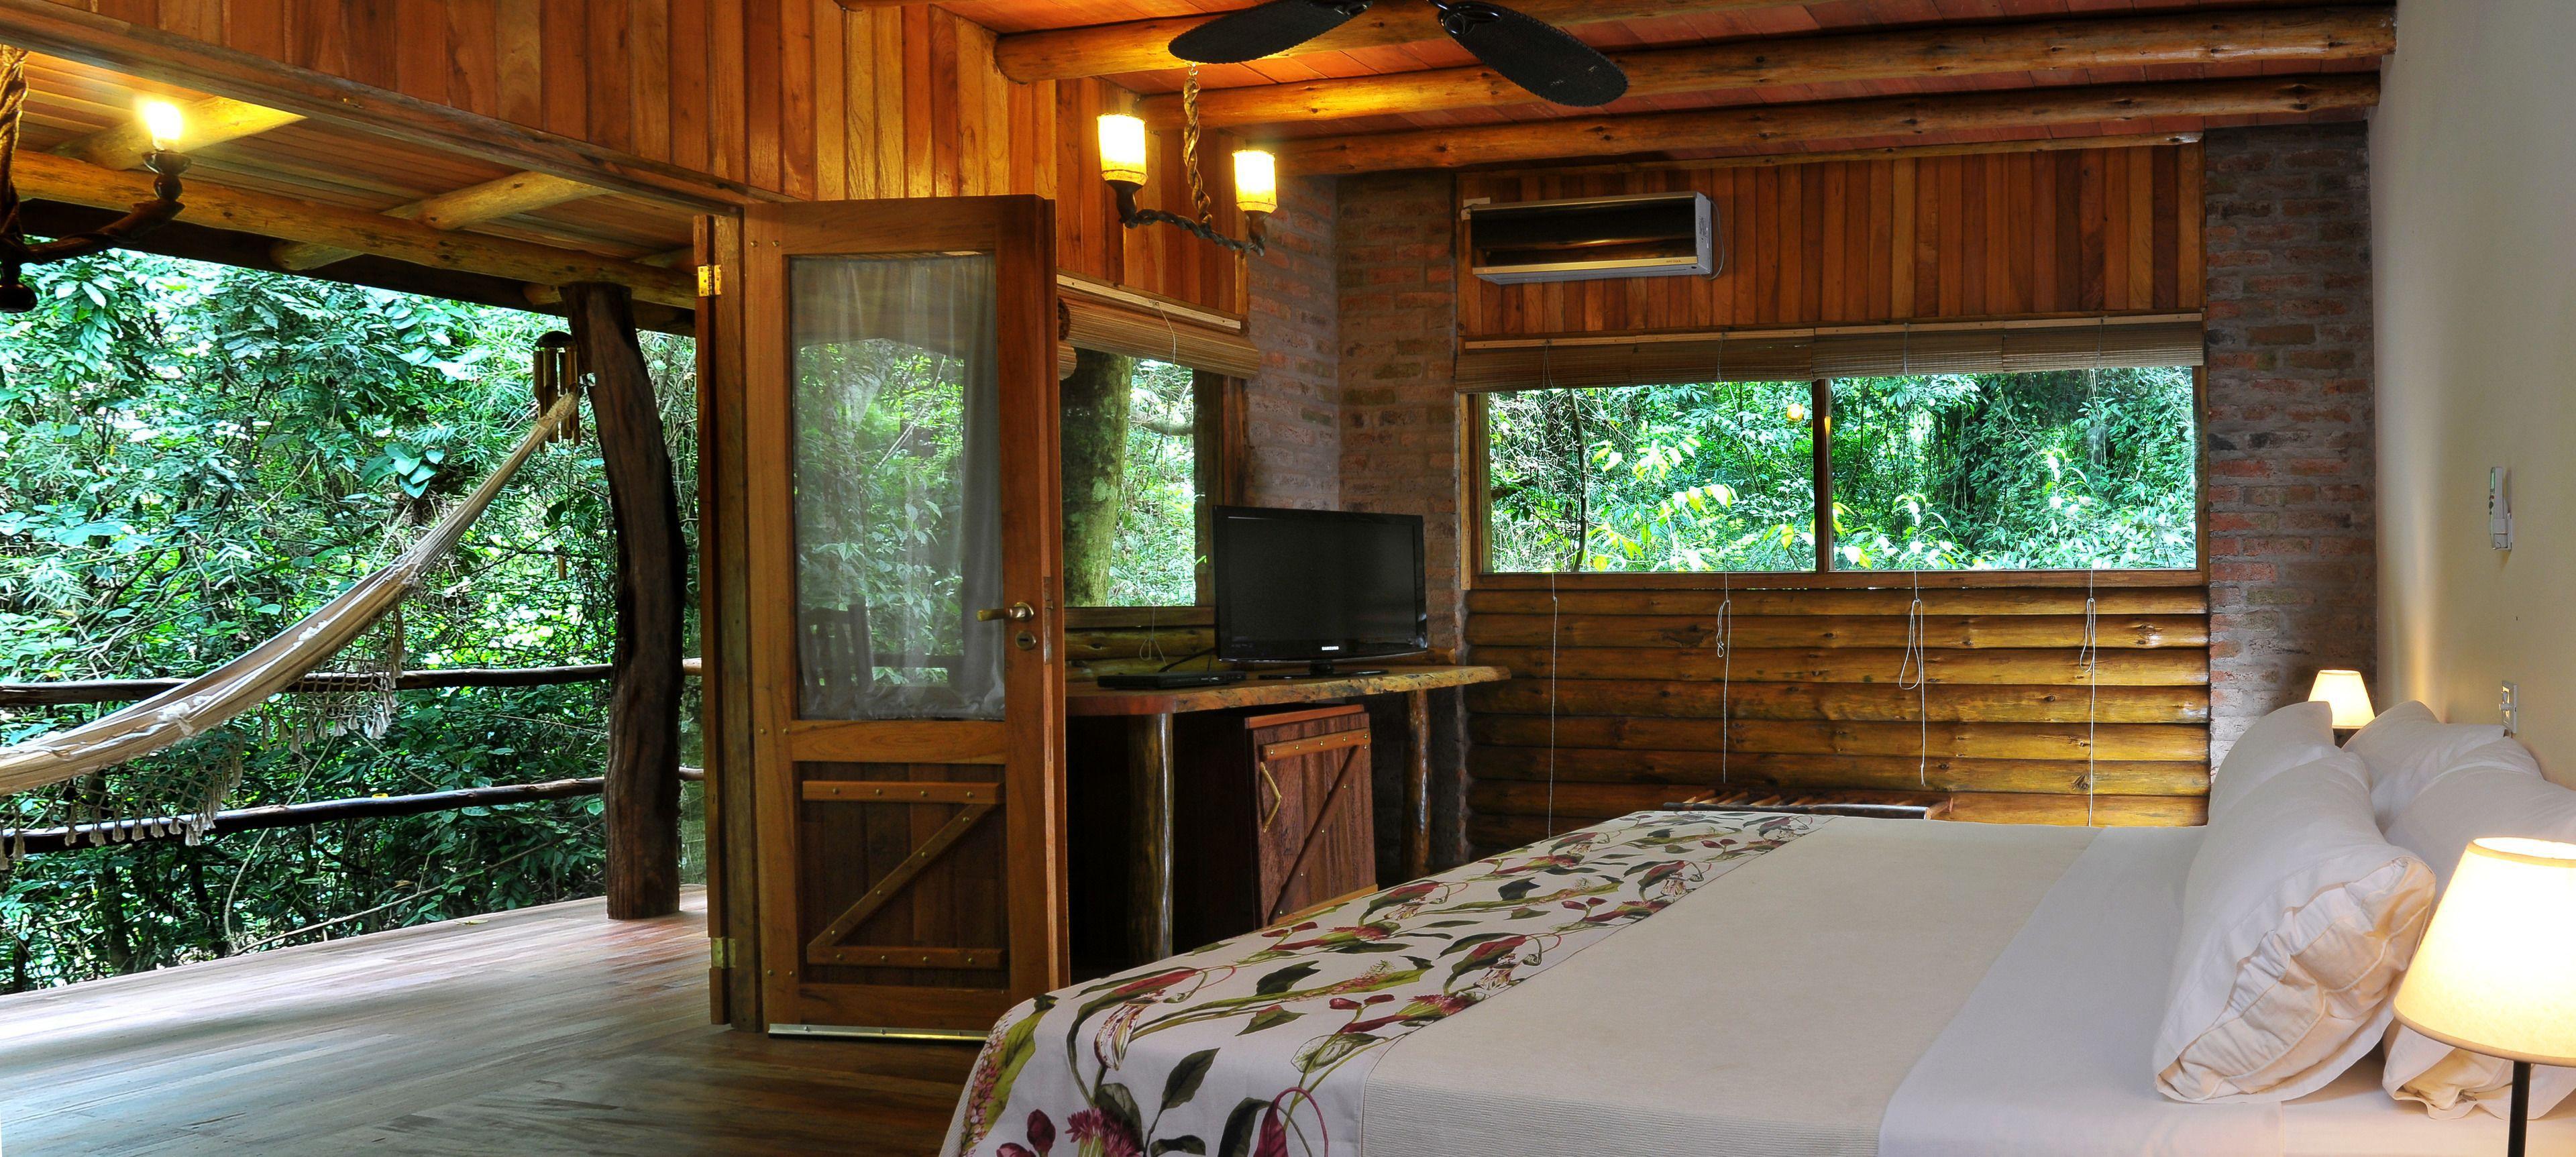 Courtesy of La Aldea de la Selva Lodge / Expedia